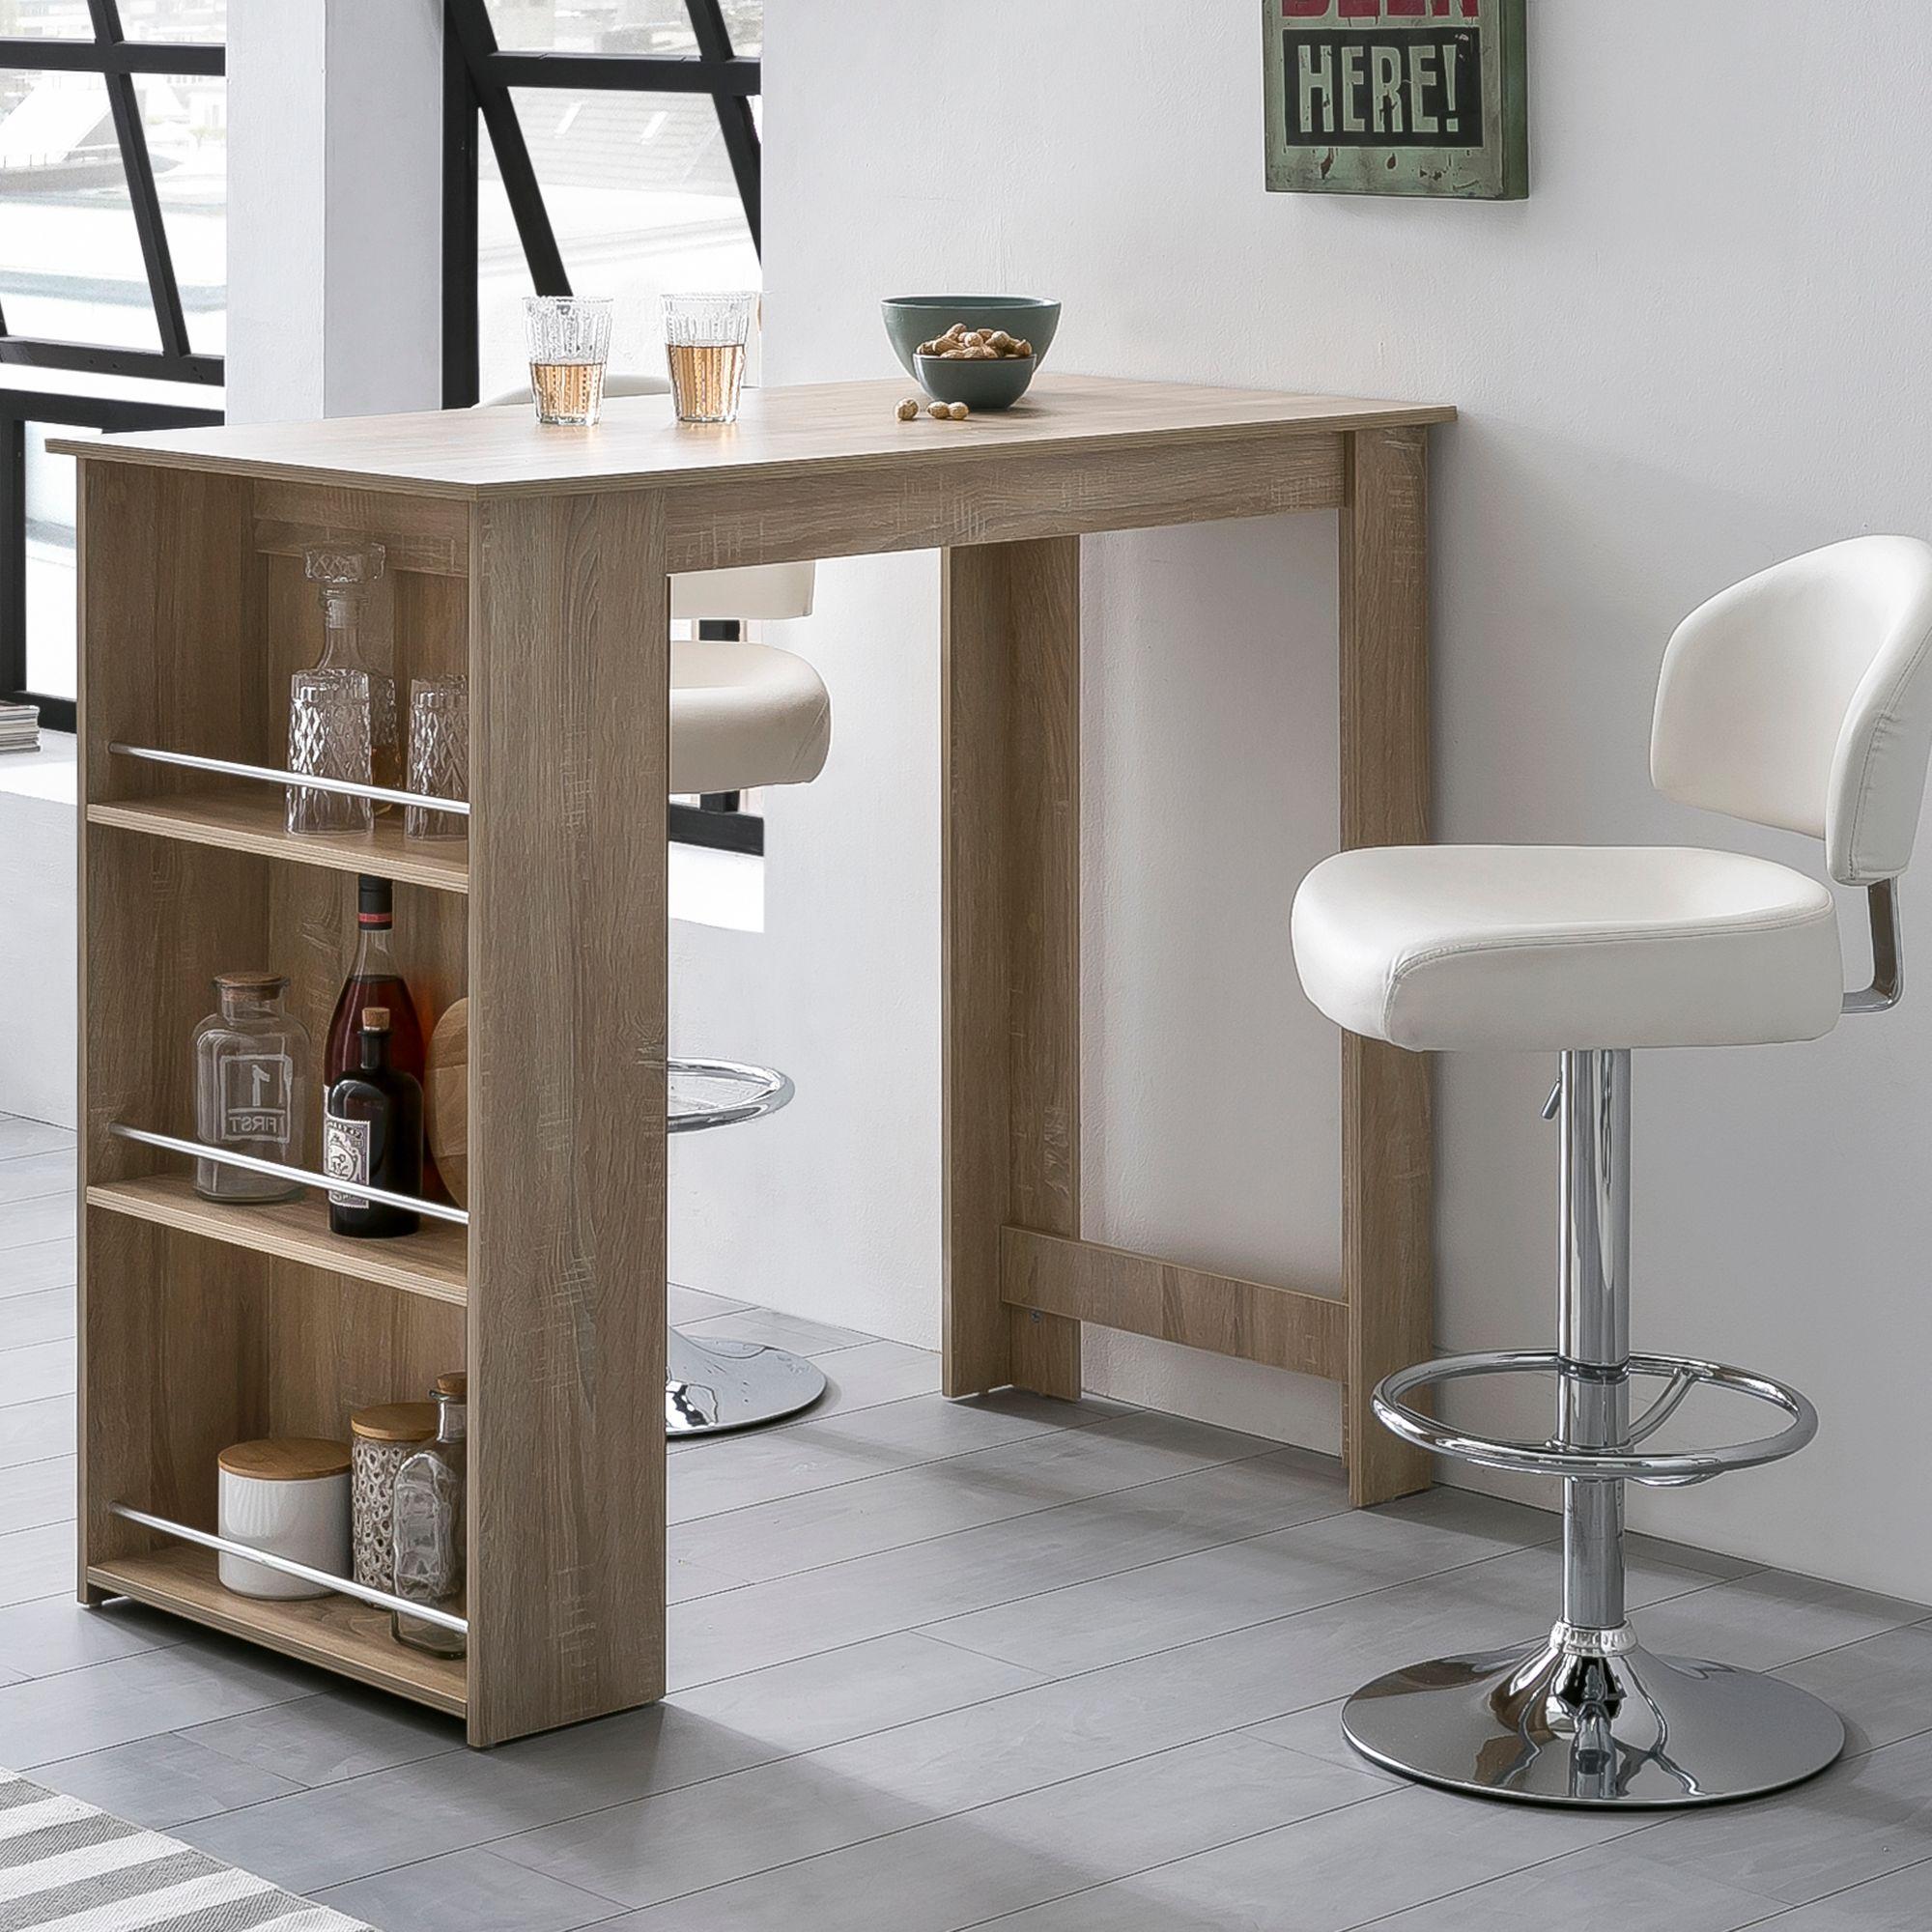 FineBuy Bartisch 19 x 19 cm Stehtisch Holz Küchenbartisch  Bartresen mit  integriertem Regal  Tresentisch mit Bar  Tresen Küchen Tisch